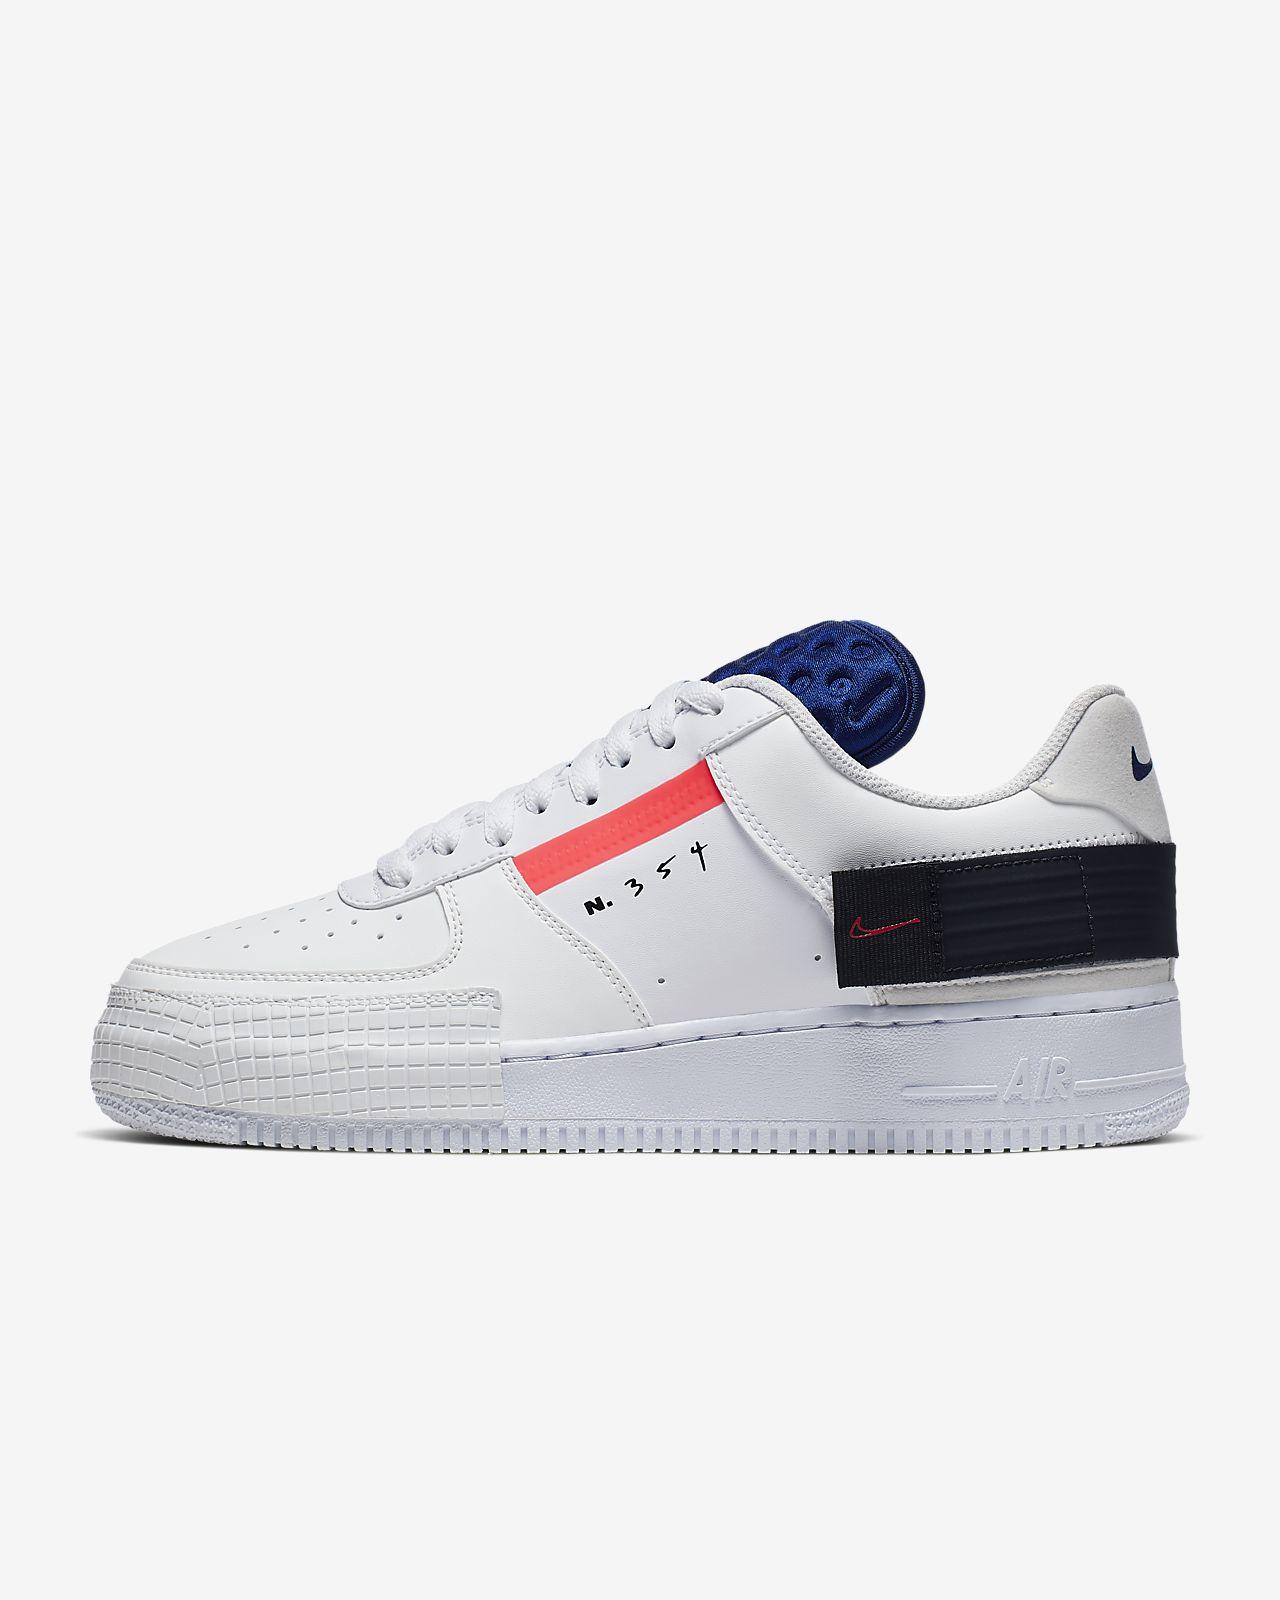 Sko Nike Air Force 1 Type för män